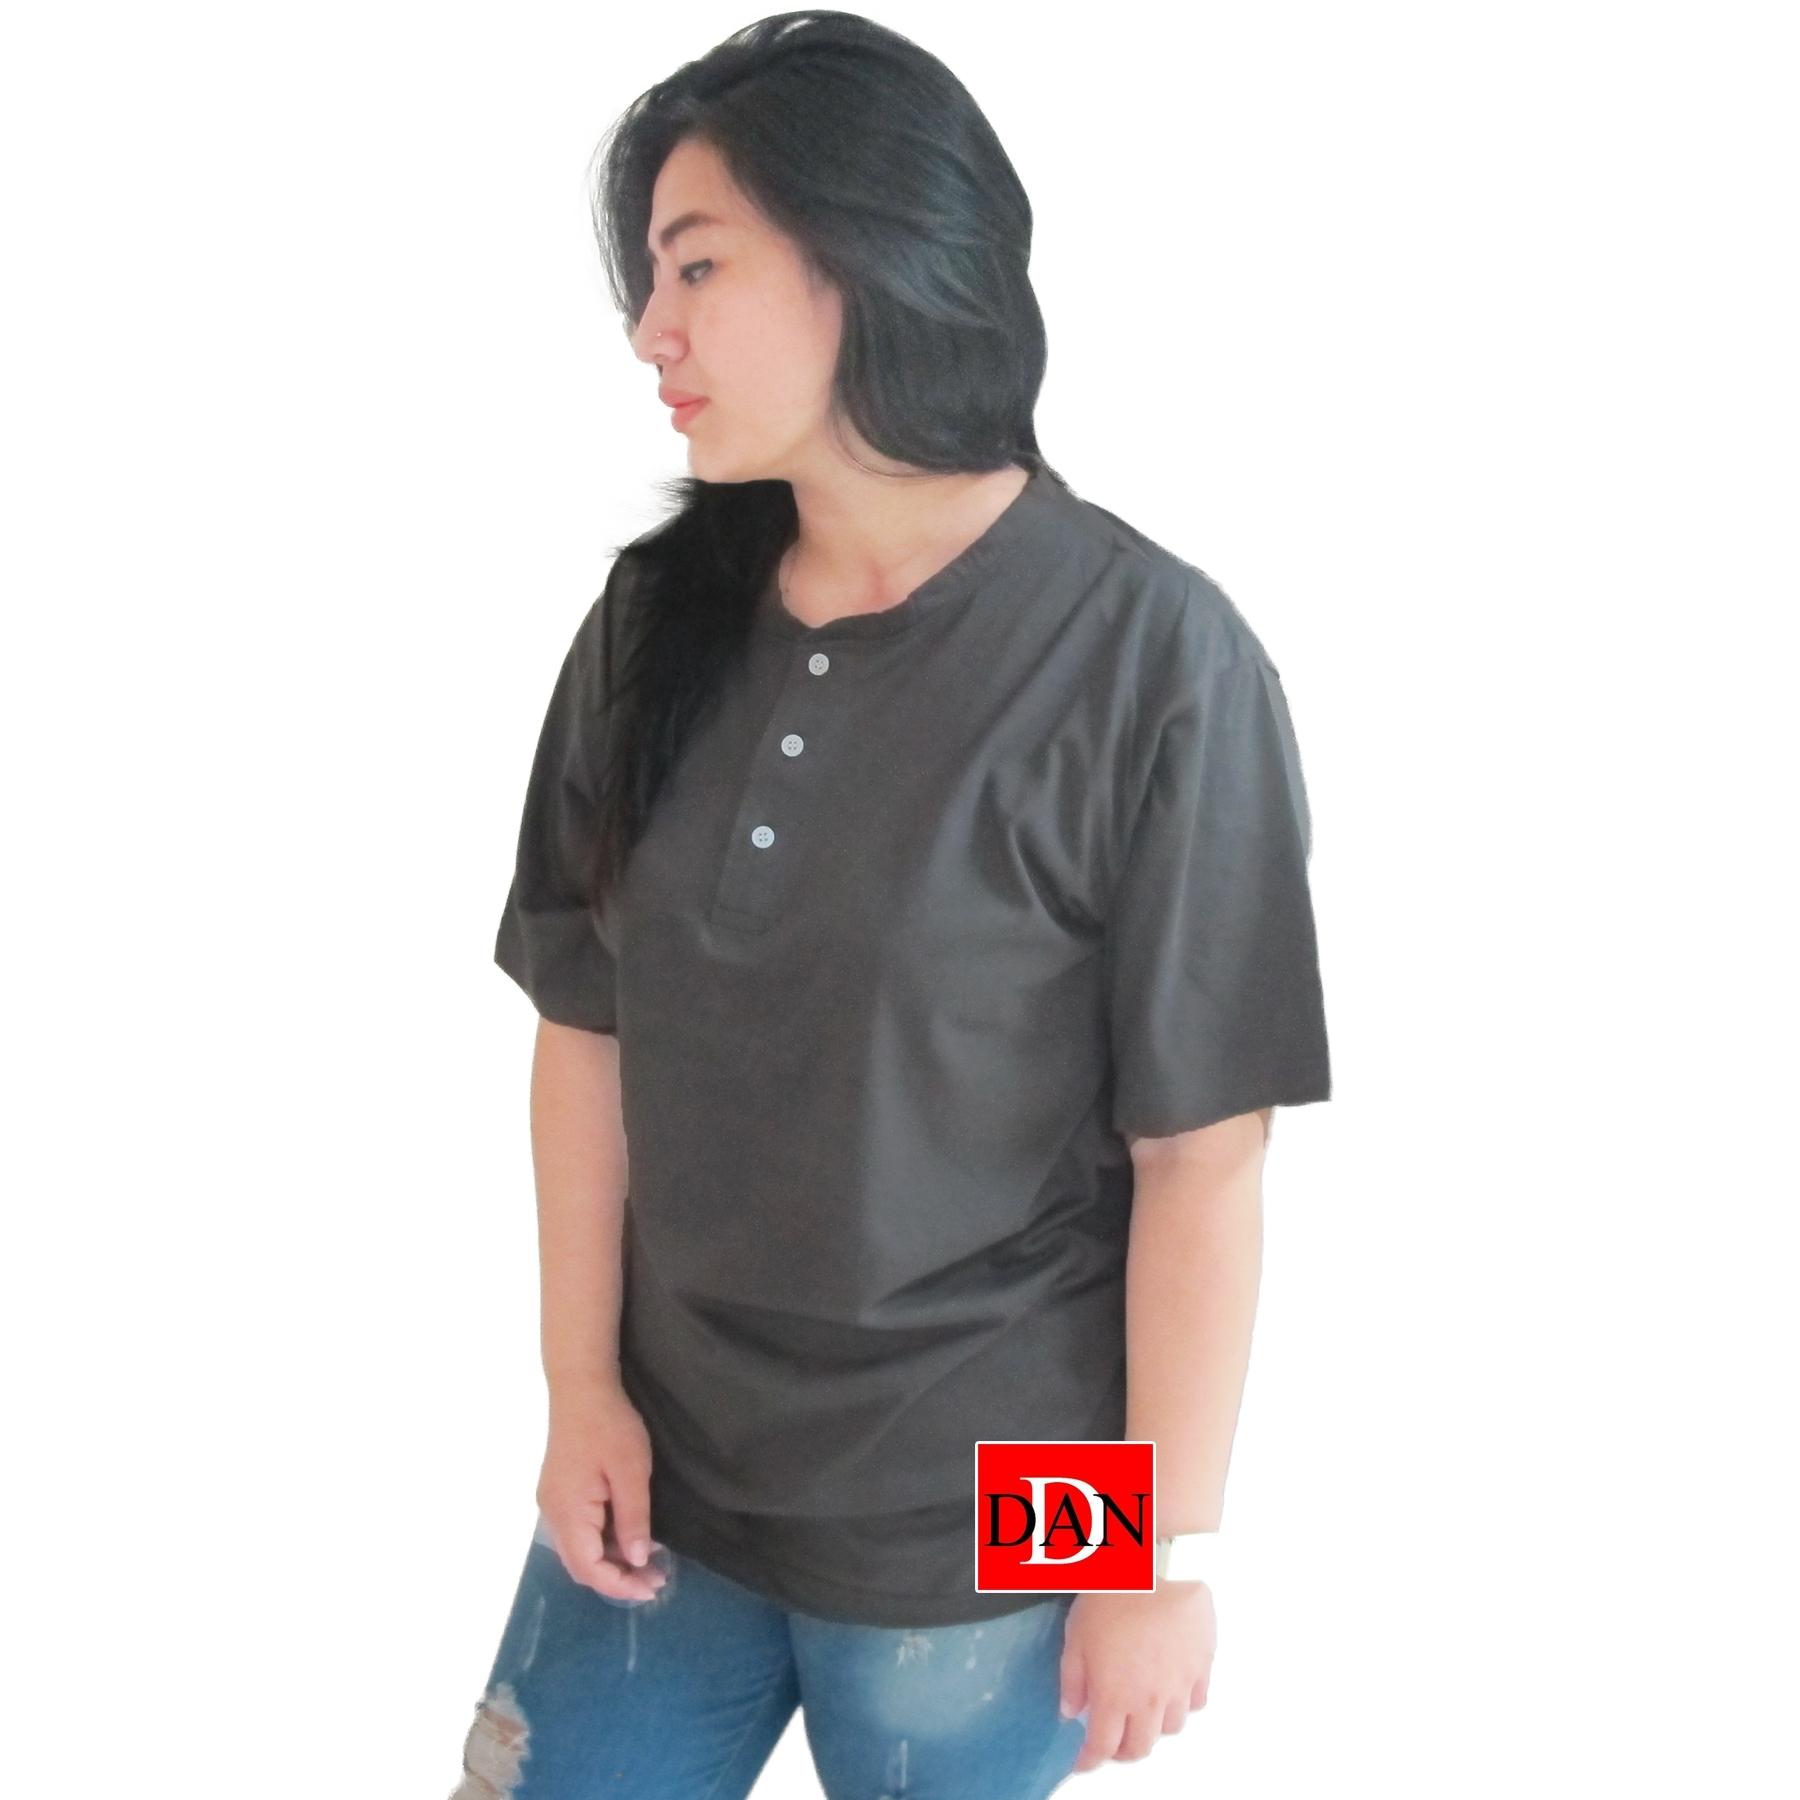 เสื้อยืดคอจีน Cotton100% XL สีเทาดำ